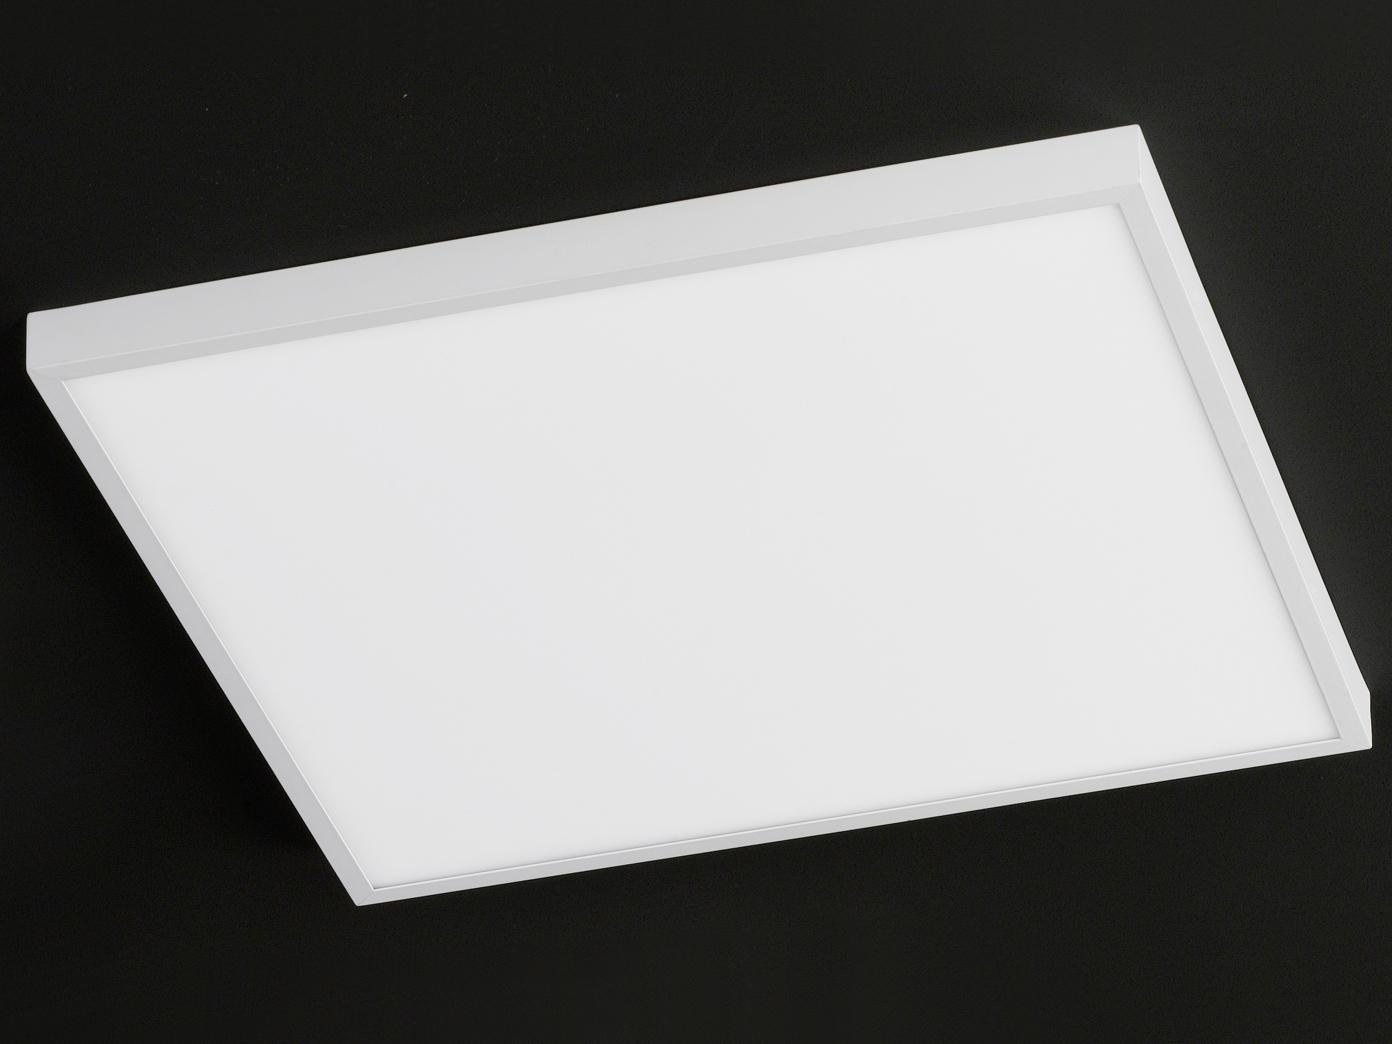 led deckenleuchte deckenlampe wei 60x60cm design modern. Black Bedroom Furniture Sets. Home Design Ideas